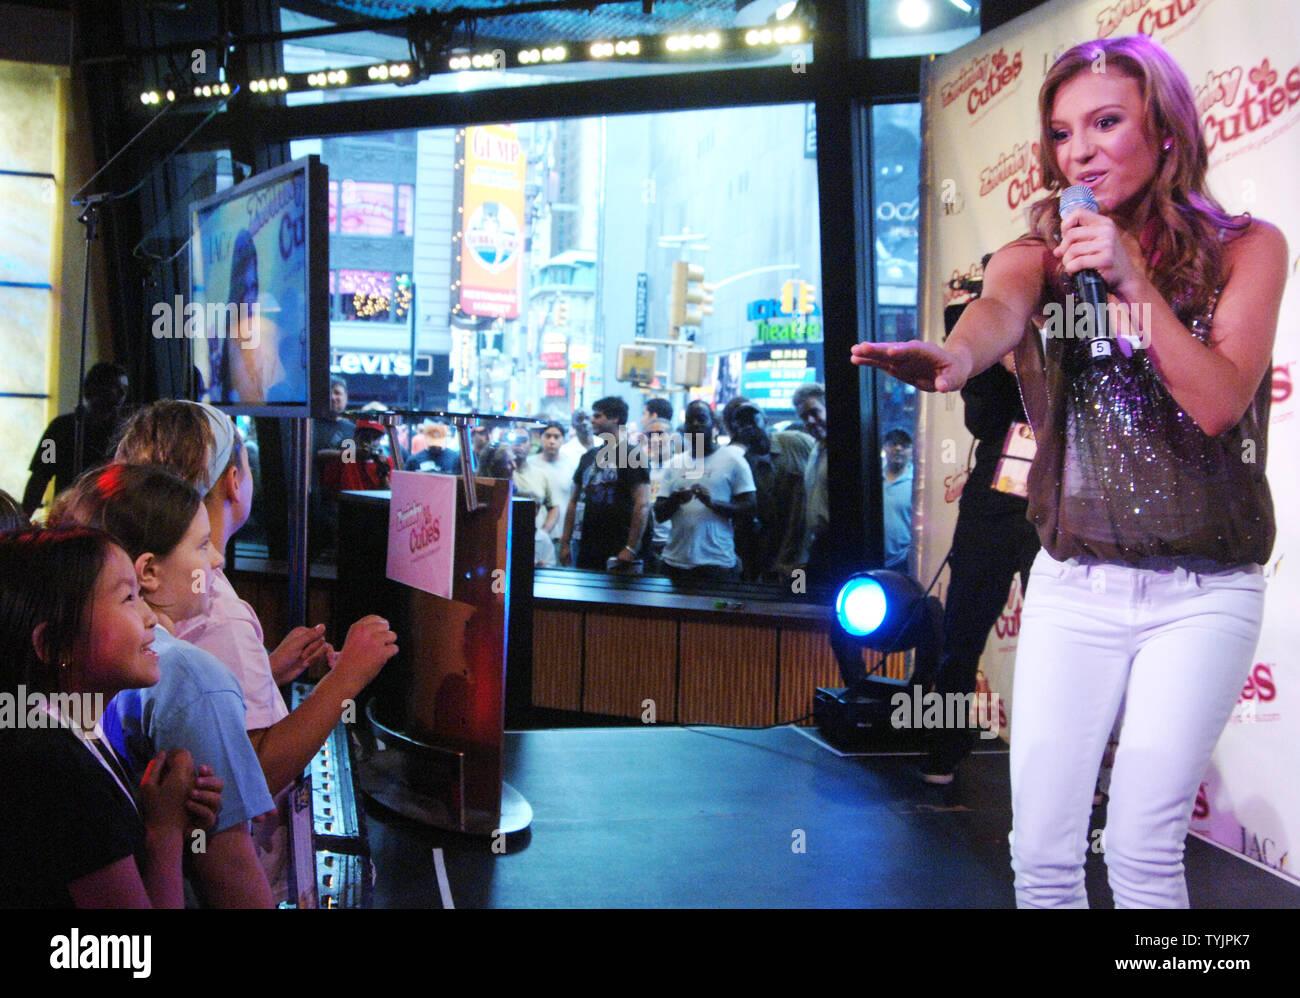 Pop singer Jordan Pruitt helps launch the online tween craze